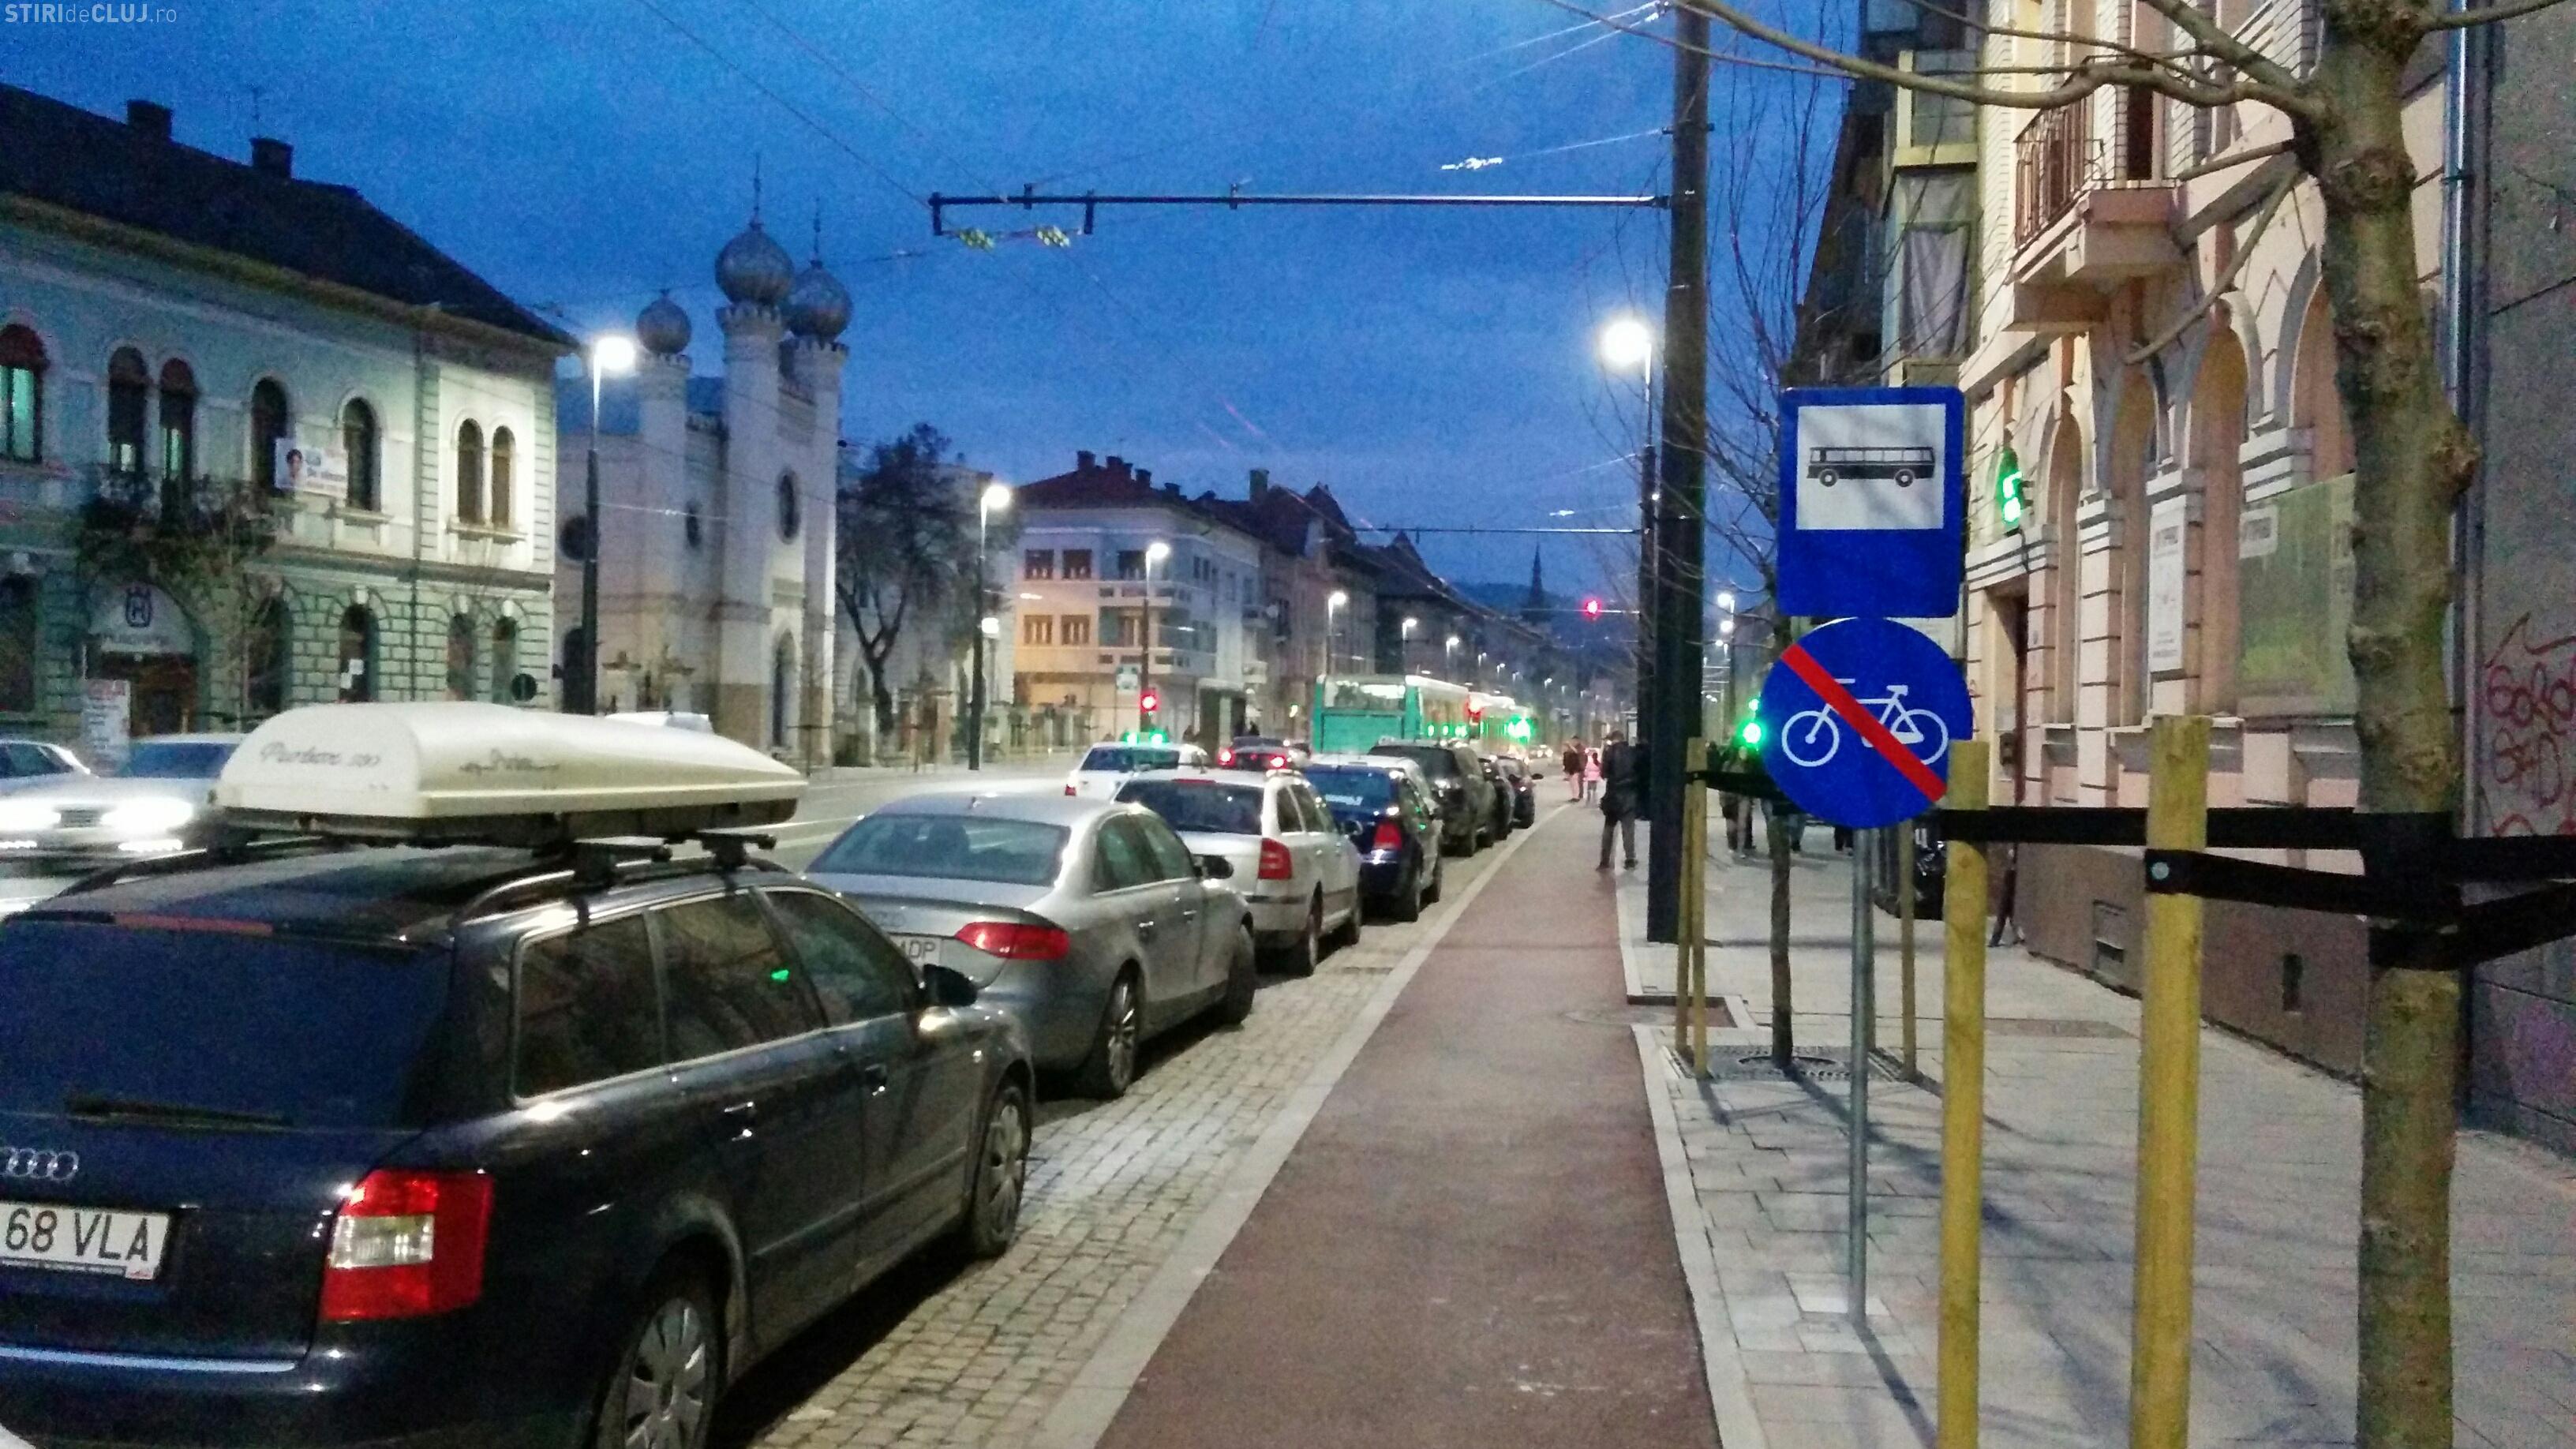 Pe strada Horea e interzis să circuli cu bicicleta? Ce părere aveți? - FOTO